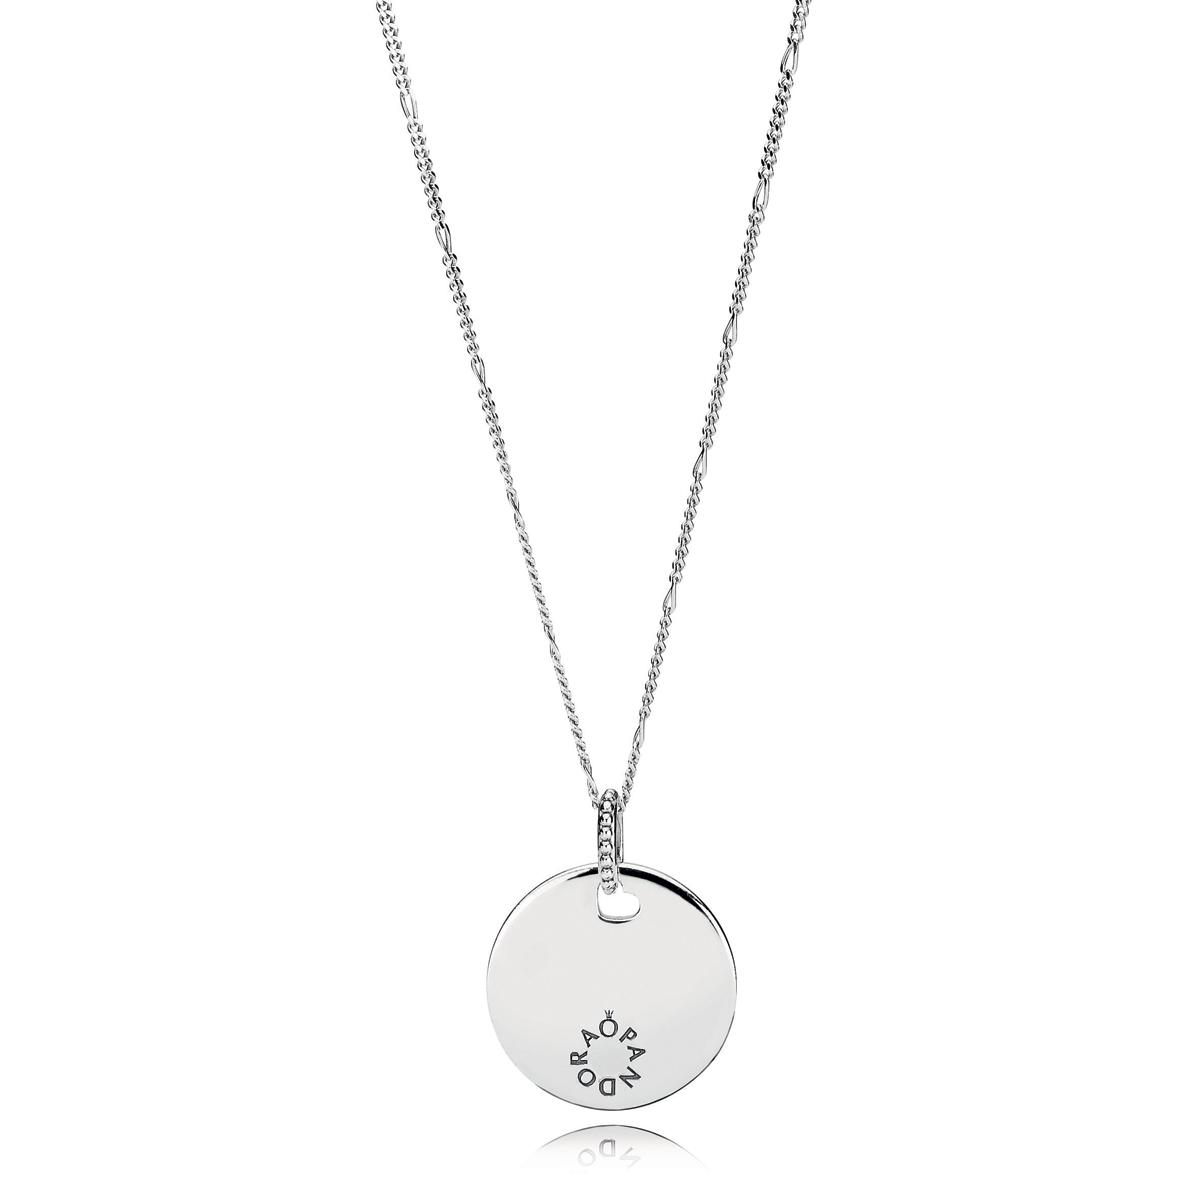 Pandora necklaces pancharmbracelets pandora tribute pendant necklace pandora tribute pendant necklace aloadofball Choice Image